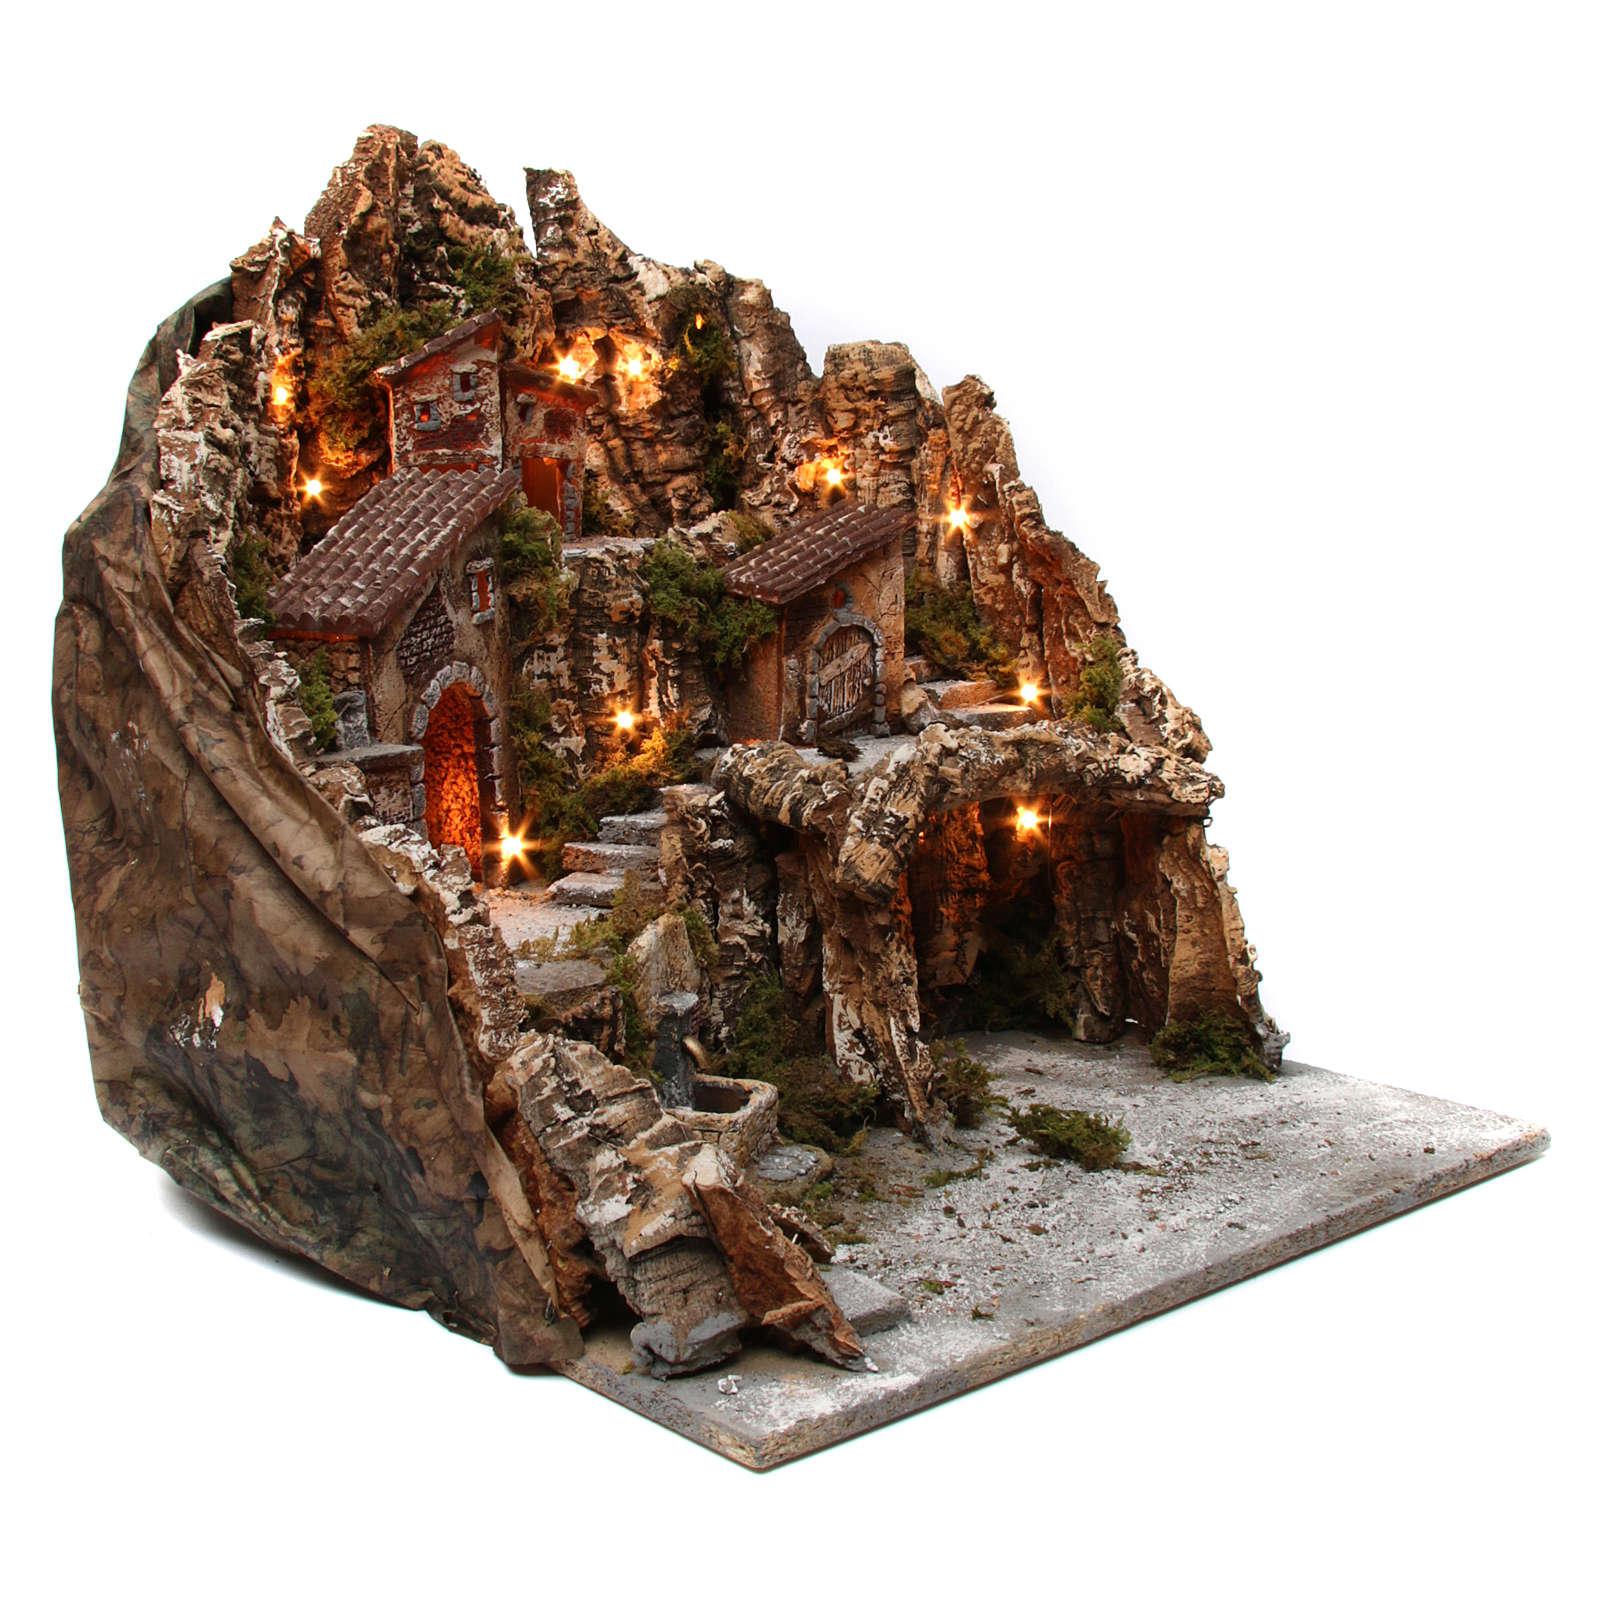 Aldea belén iluminado con horno fuente y cueva 50x55x60 cm belén napolitano 4